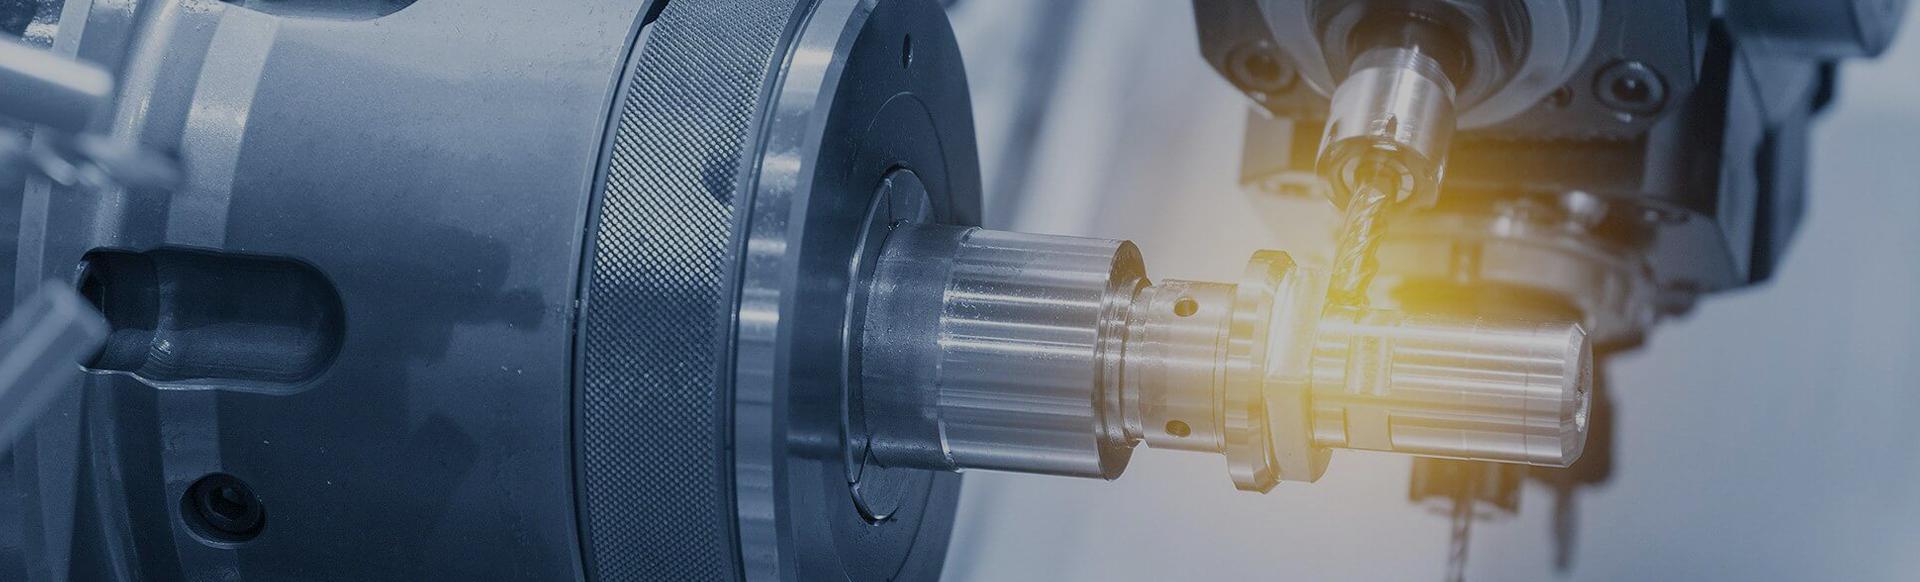 AMPI, Atelier Mécanique de Précision Industrielle